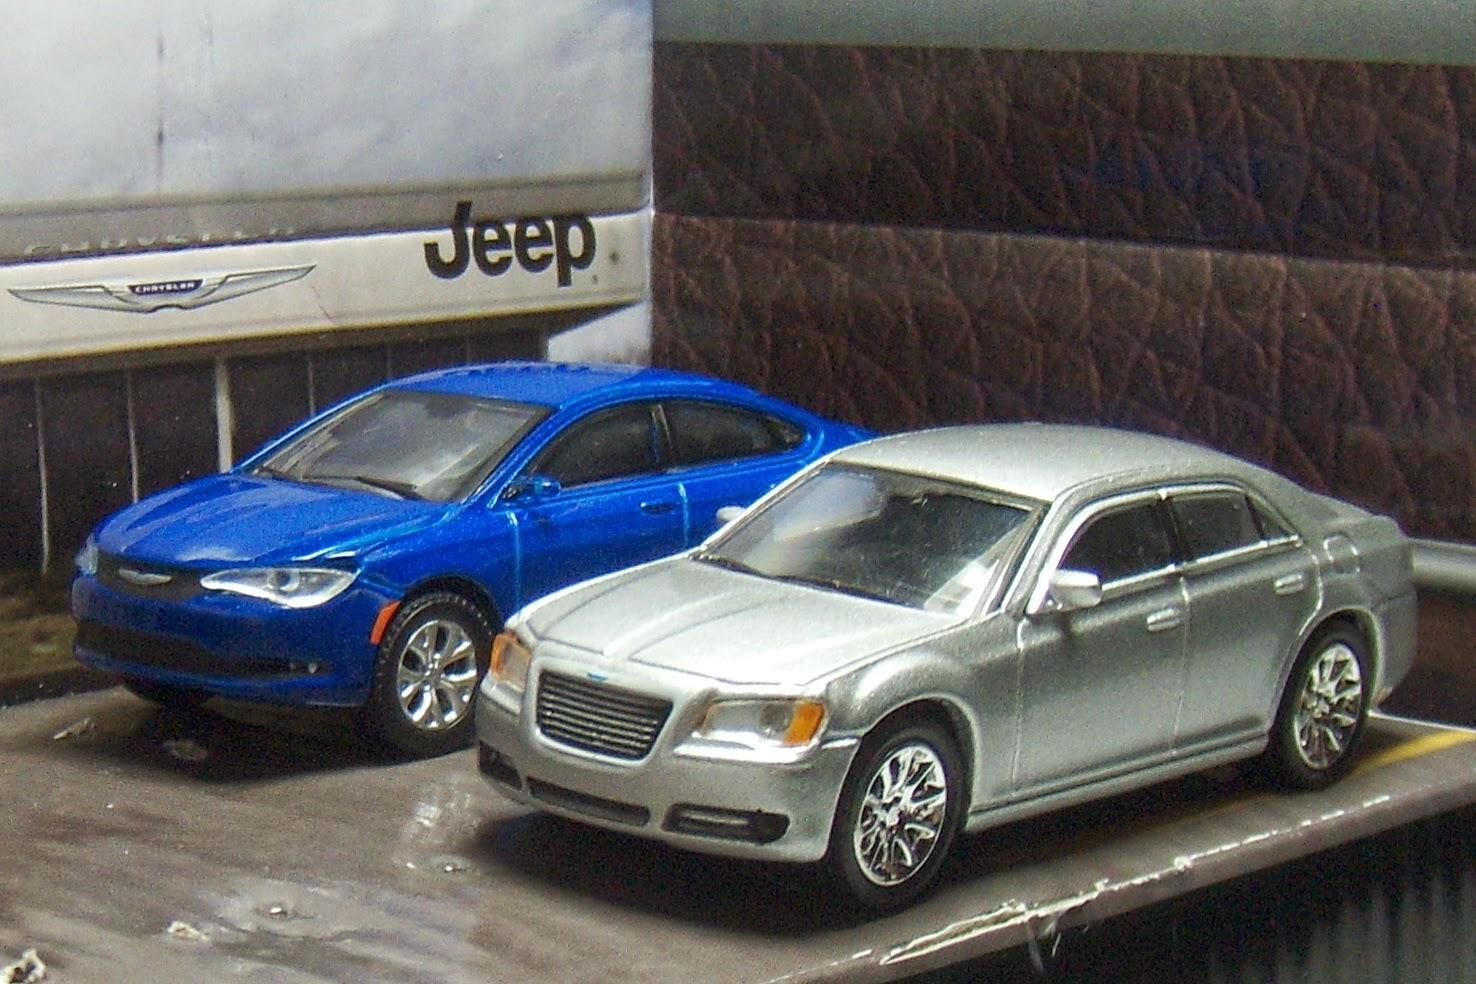 Two Lane Desktop Comparison Greenlight Dodge Chrysler Jeep - Dodge chrysler dealer